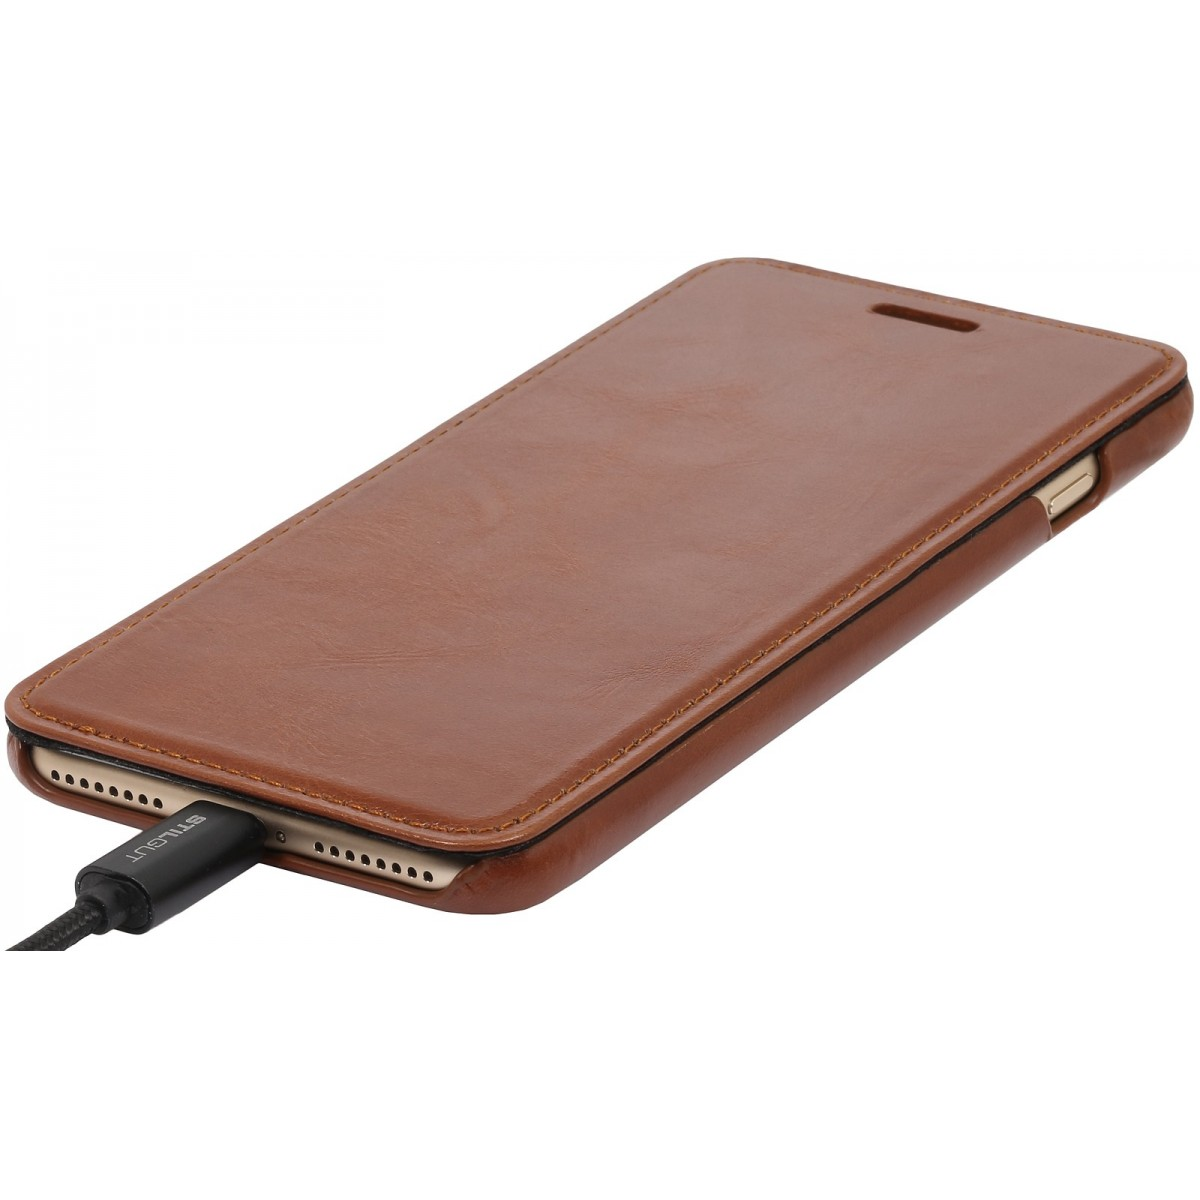 Etui iPhone 7 Plus book type cognac en cuir véritable sans clip de fermeture - Stilgut